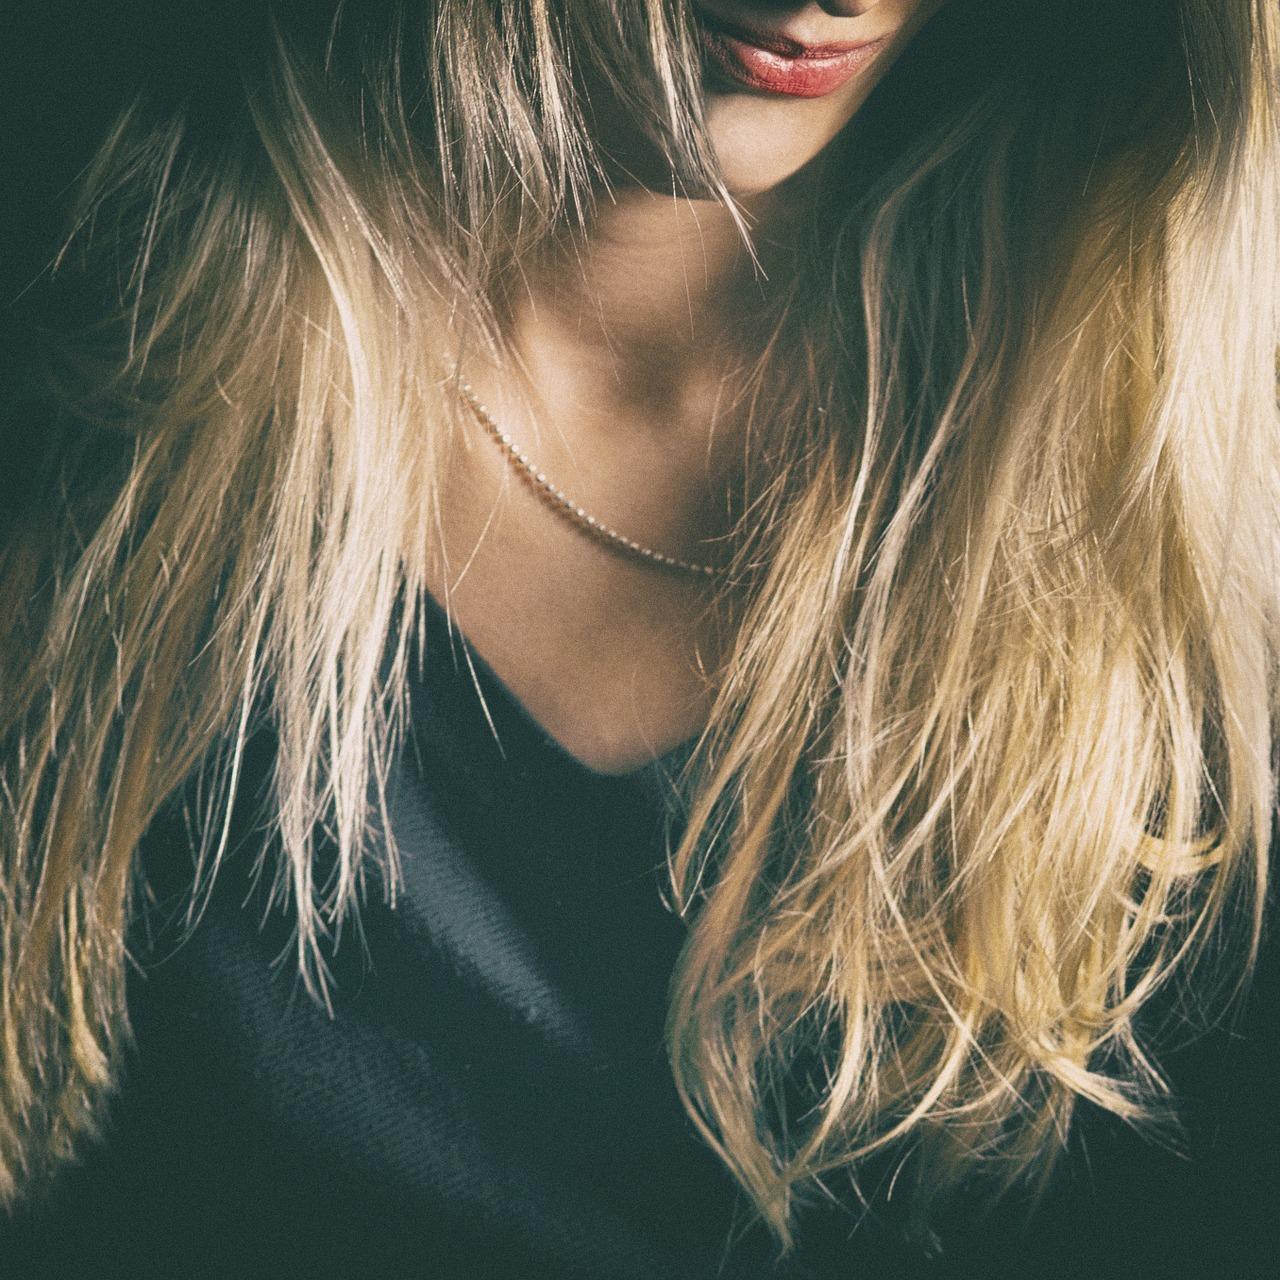 髪がまとまらない理由は?スタイリングしやすい髪になる方法をチェック!